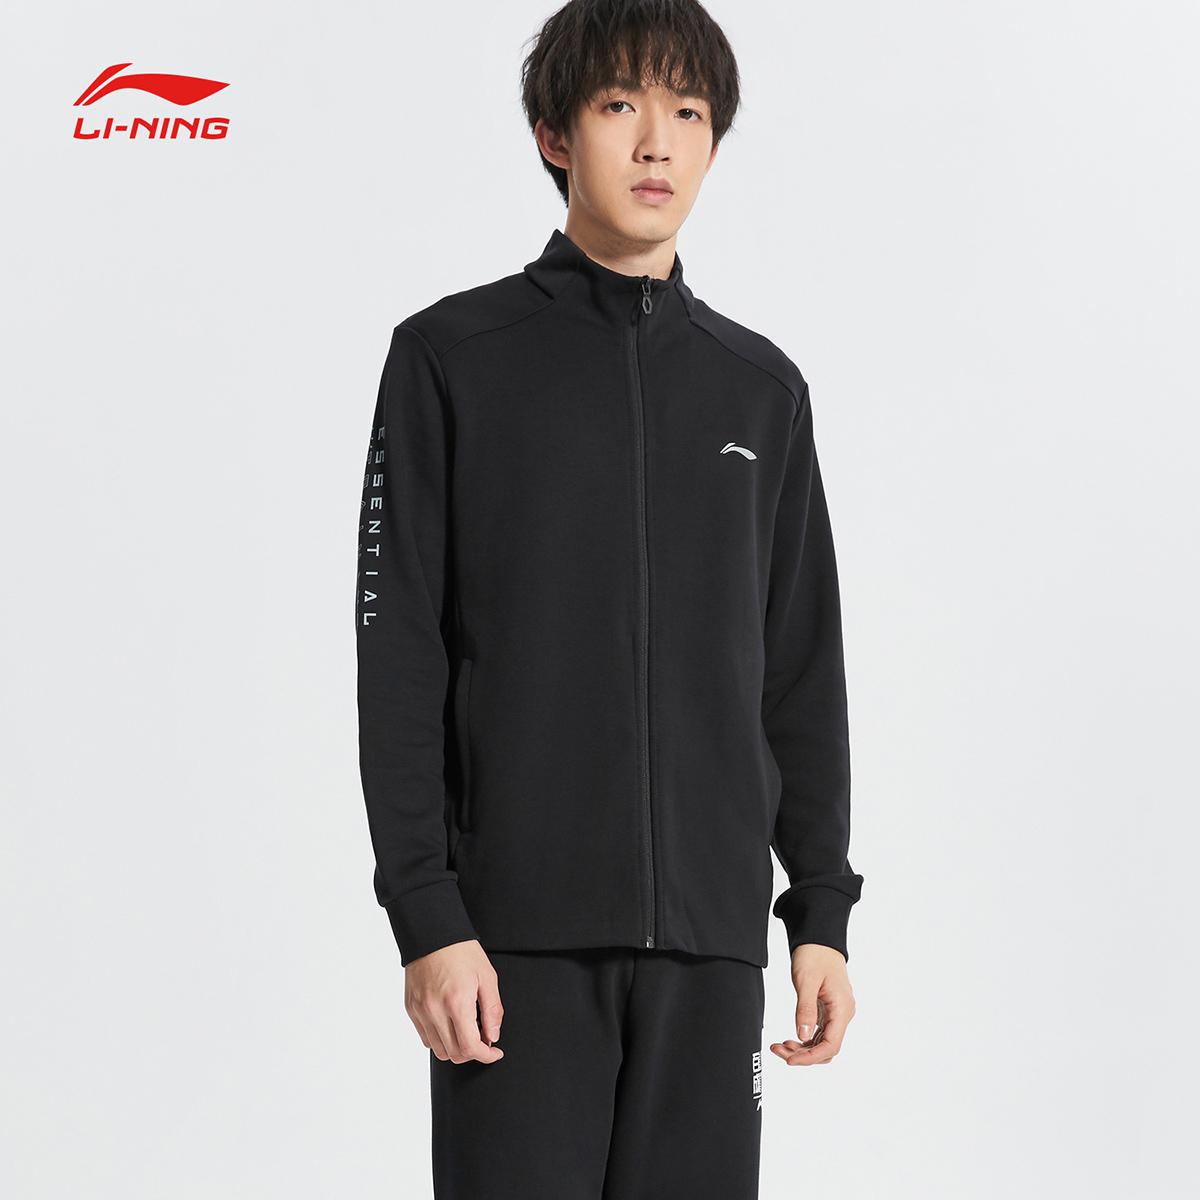 李宁卫衣男士2020新款训练系列开衫长袖立领上衣针织运动服